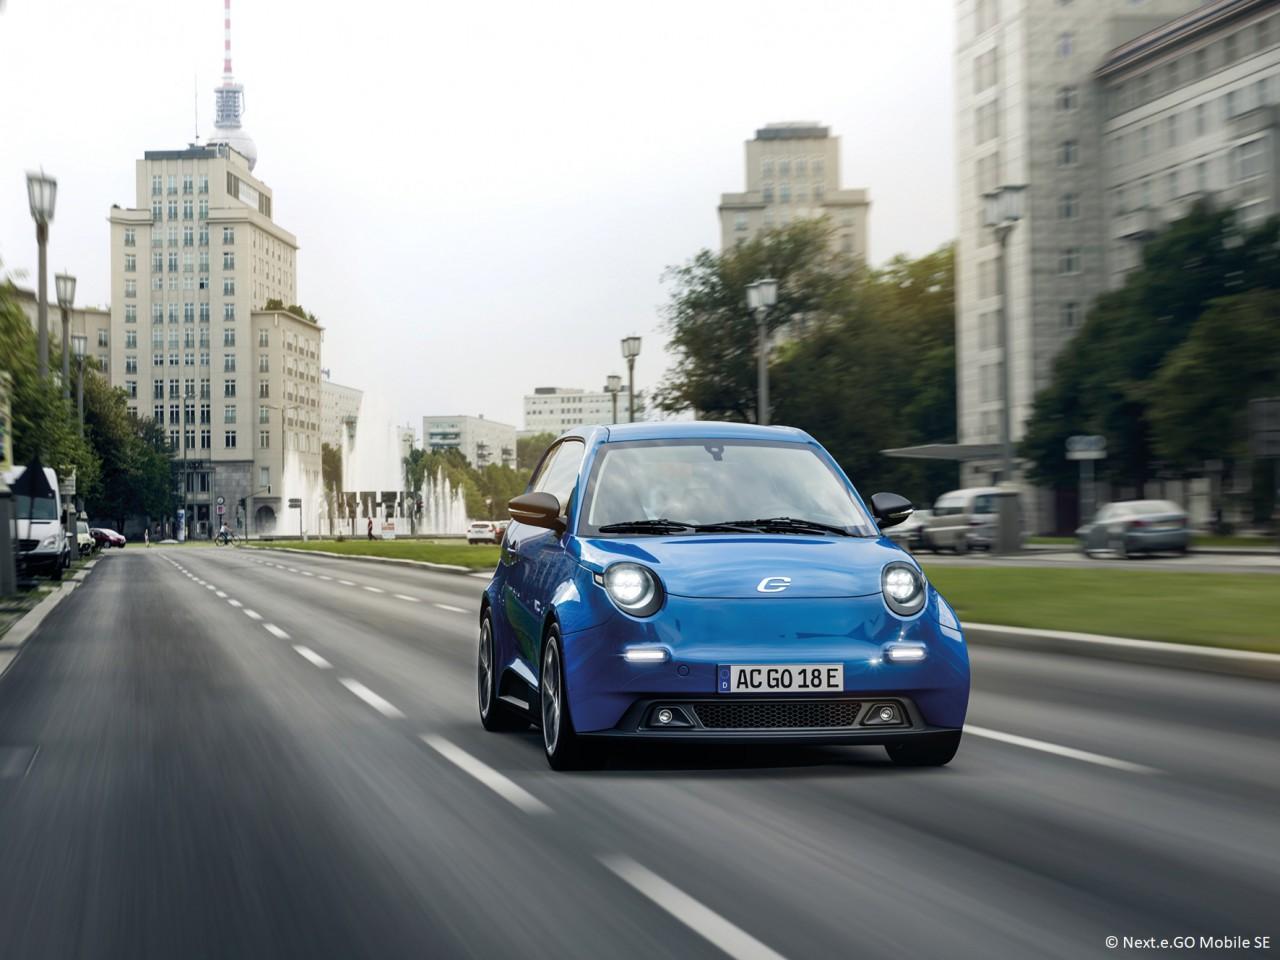 ドイツのEV開発ベンチャー「e.GO」はコロナを生き抜けるのか?ドイツ現地からレポート サムネイル画像`